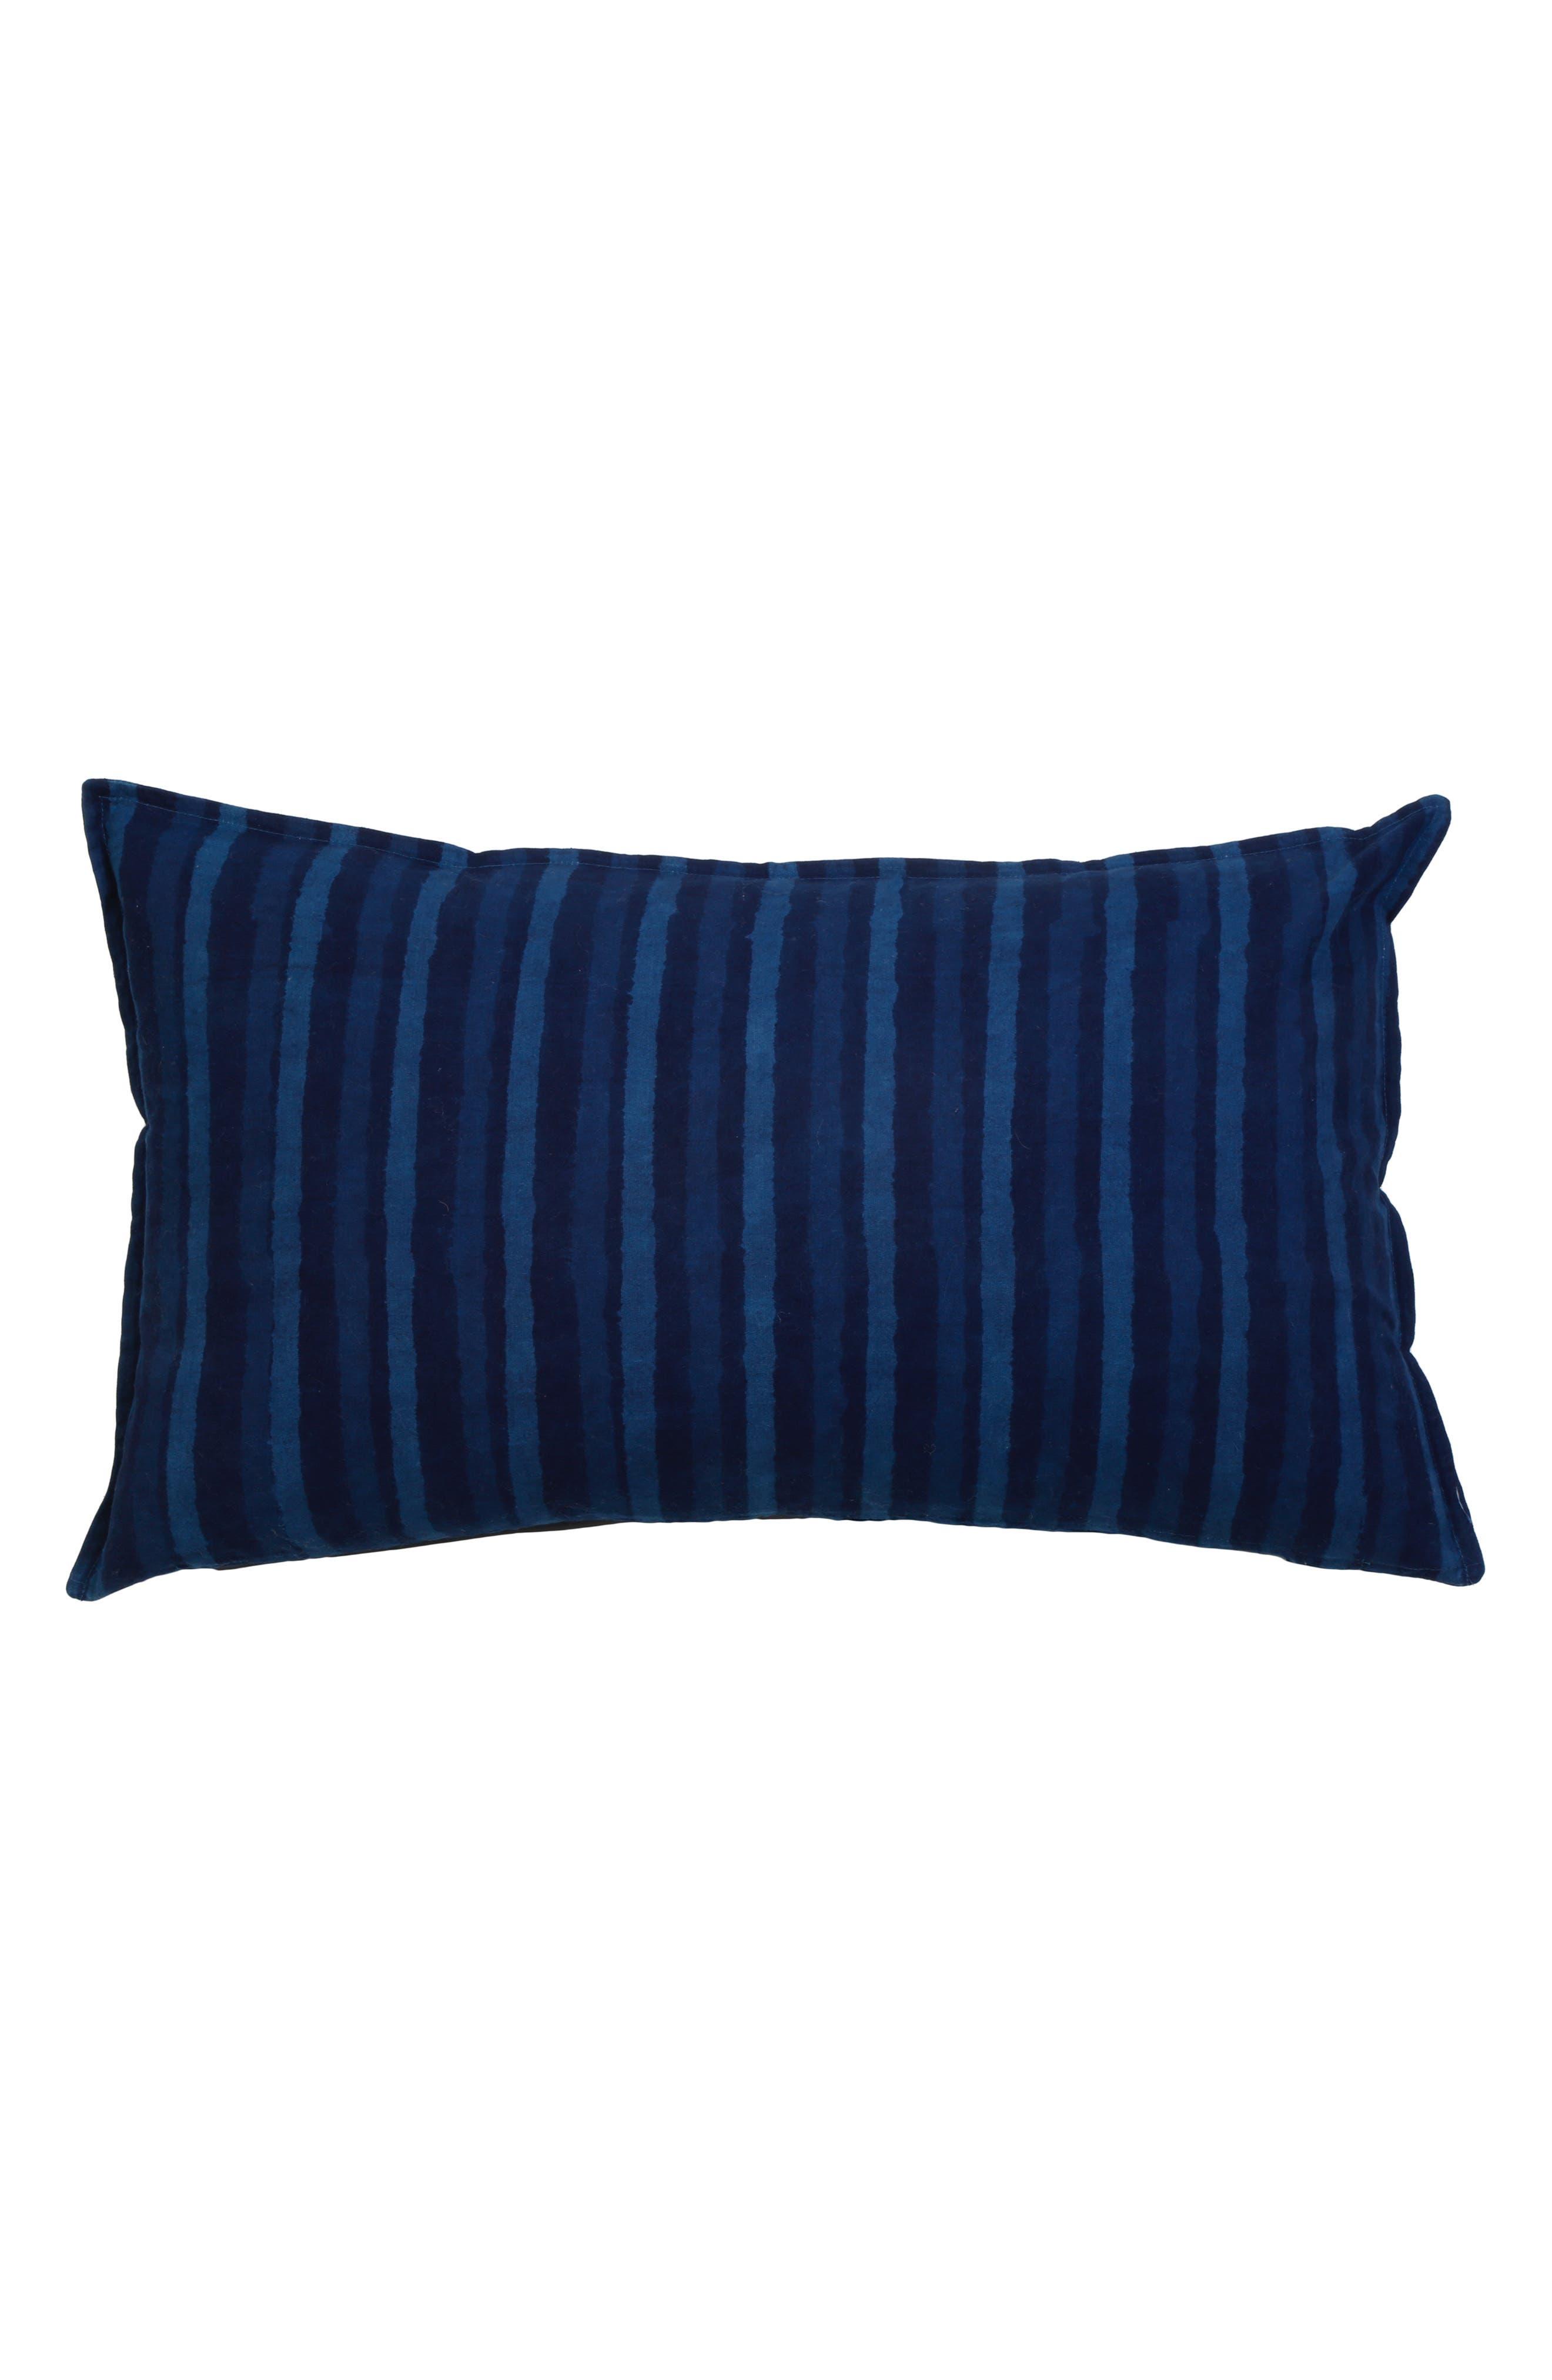 Main Image - Pom Pom at Home Indigo Stripe Accent Pillow